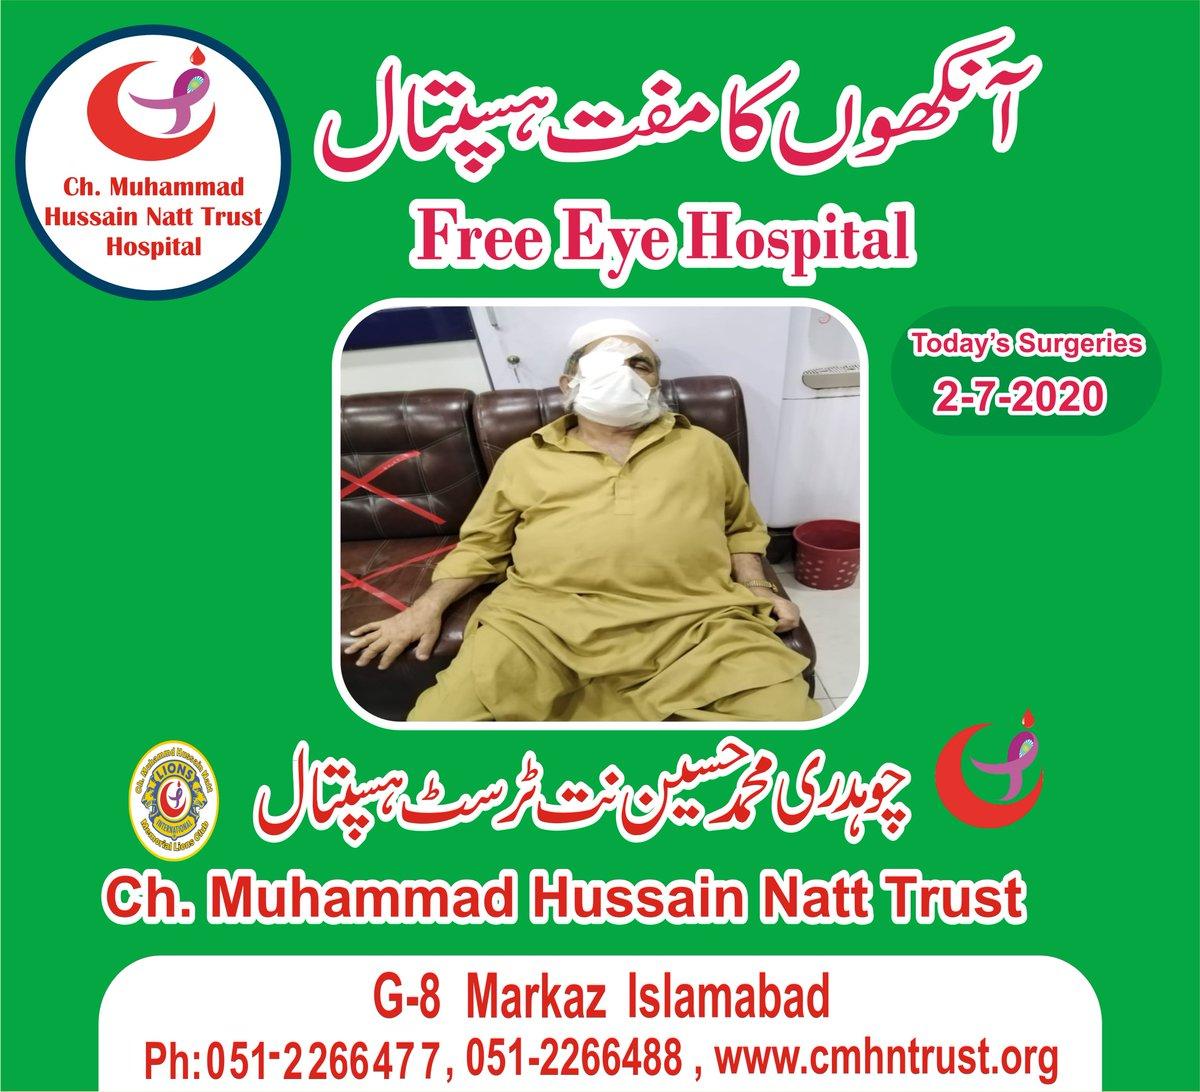 #hospital #Covid_19 #StayHome #Corona #Pakistan #Cataract #donation #eyes #ngo #Forbes #BreakingNews #Madinah #Makkah #Lahore #Karachi #dubai #العدالة_للطفل_السوري https://t.co/amlSTx6j7b